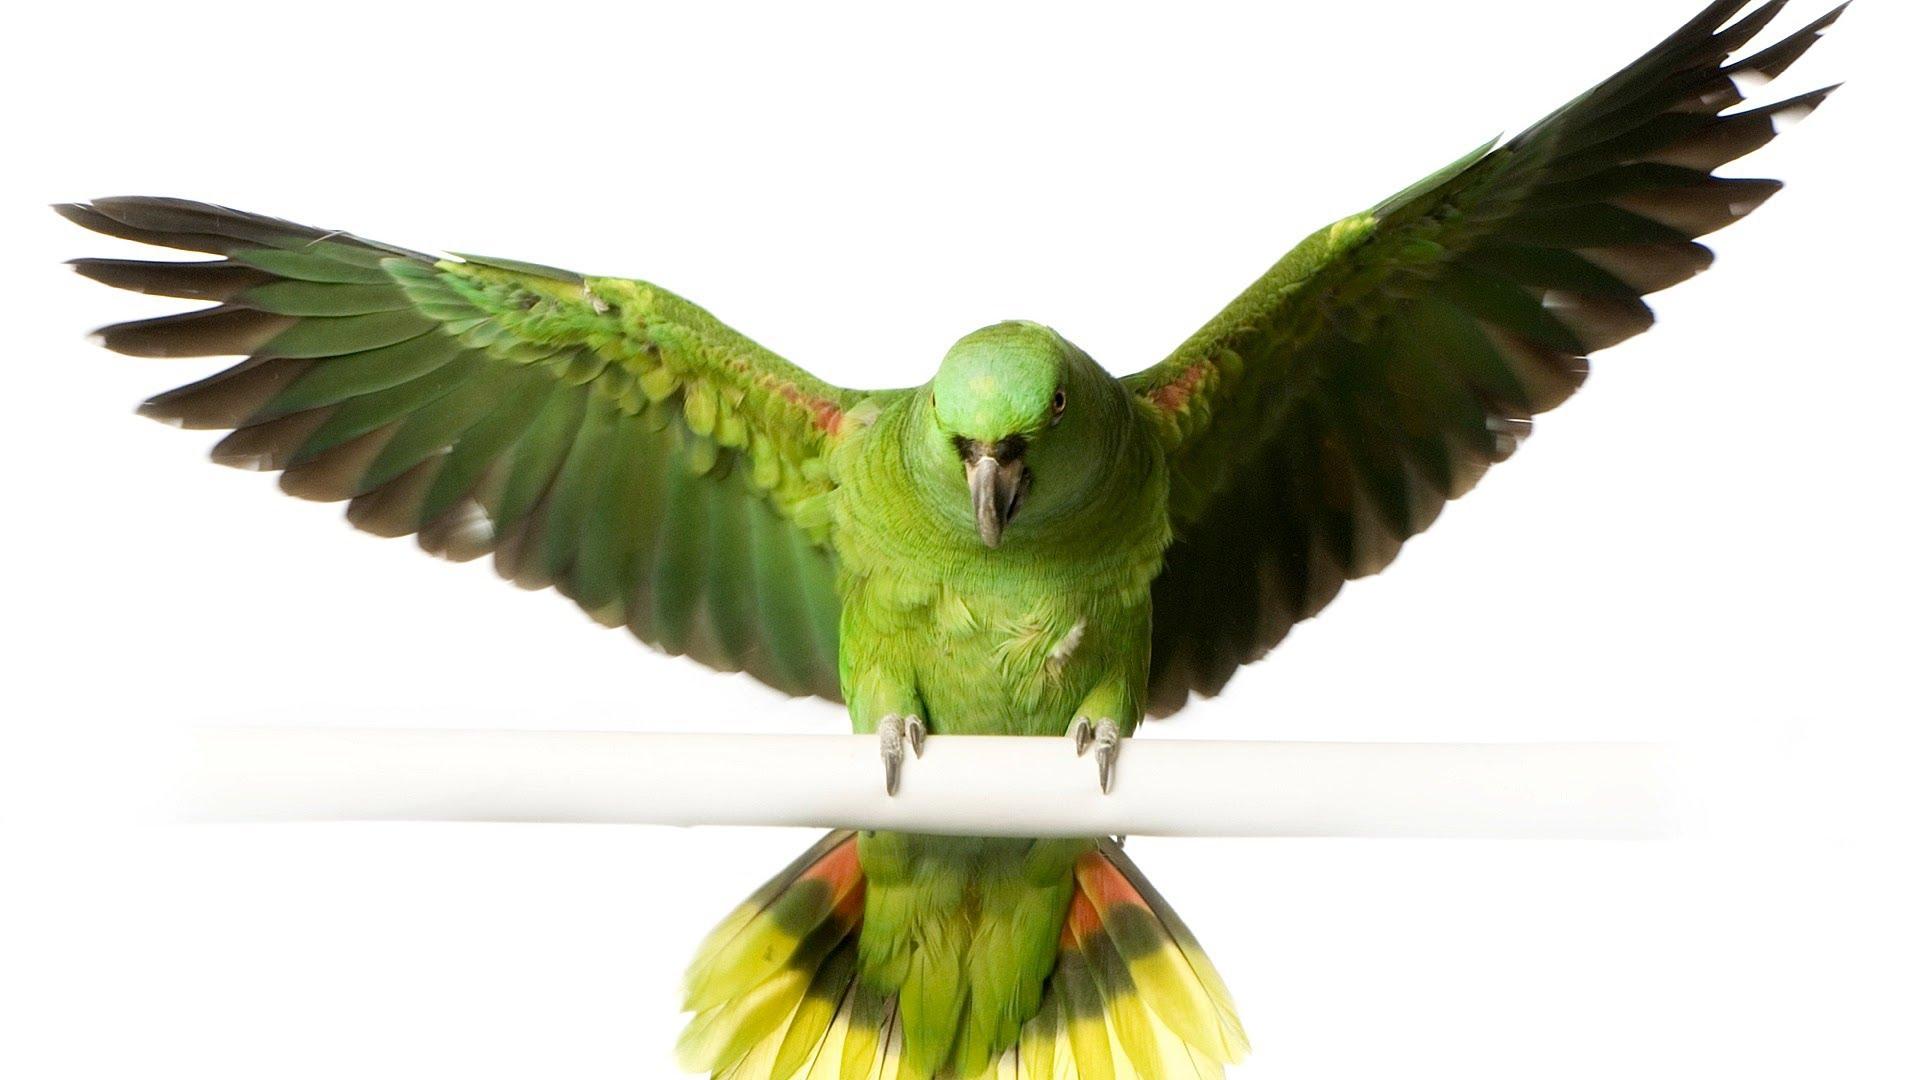 پر و بال کتف پرنده